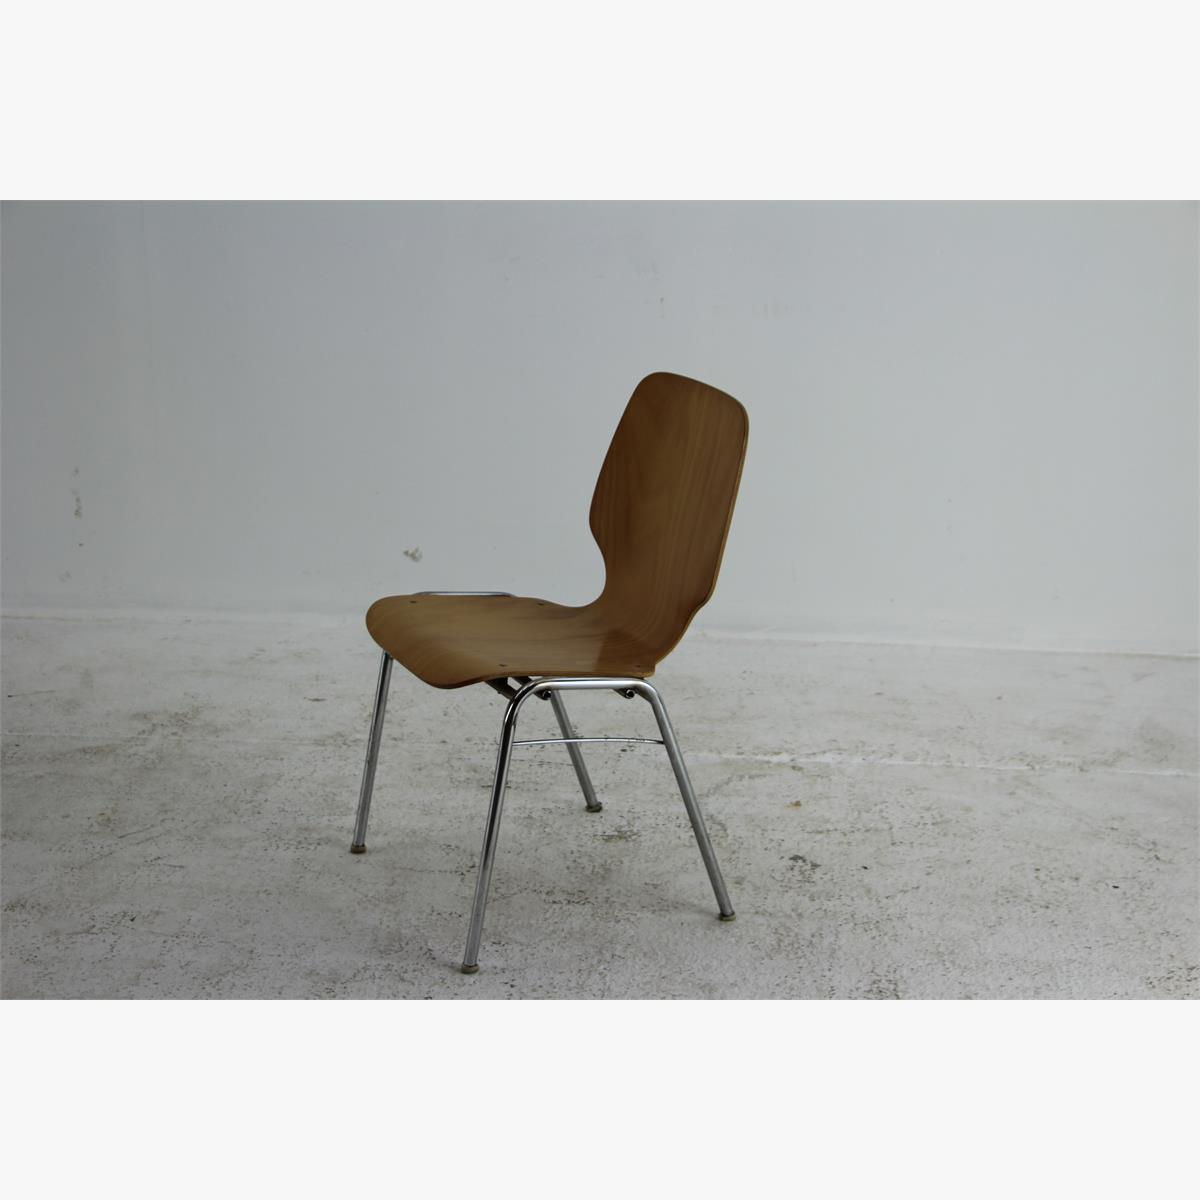 Afbeeldingen van retro stoel beuken zitting. Chrome poten 50 stuks beschikbaar